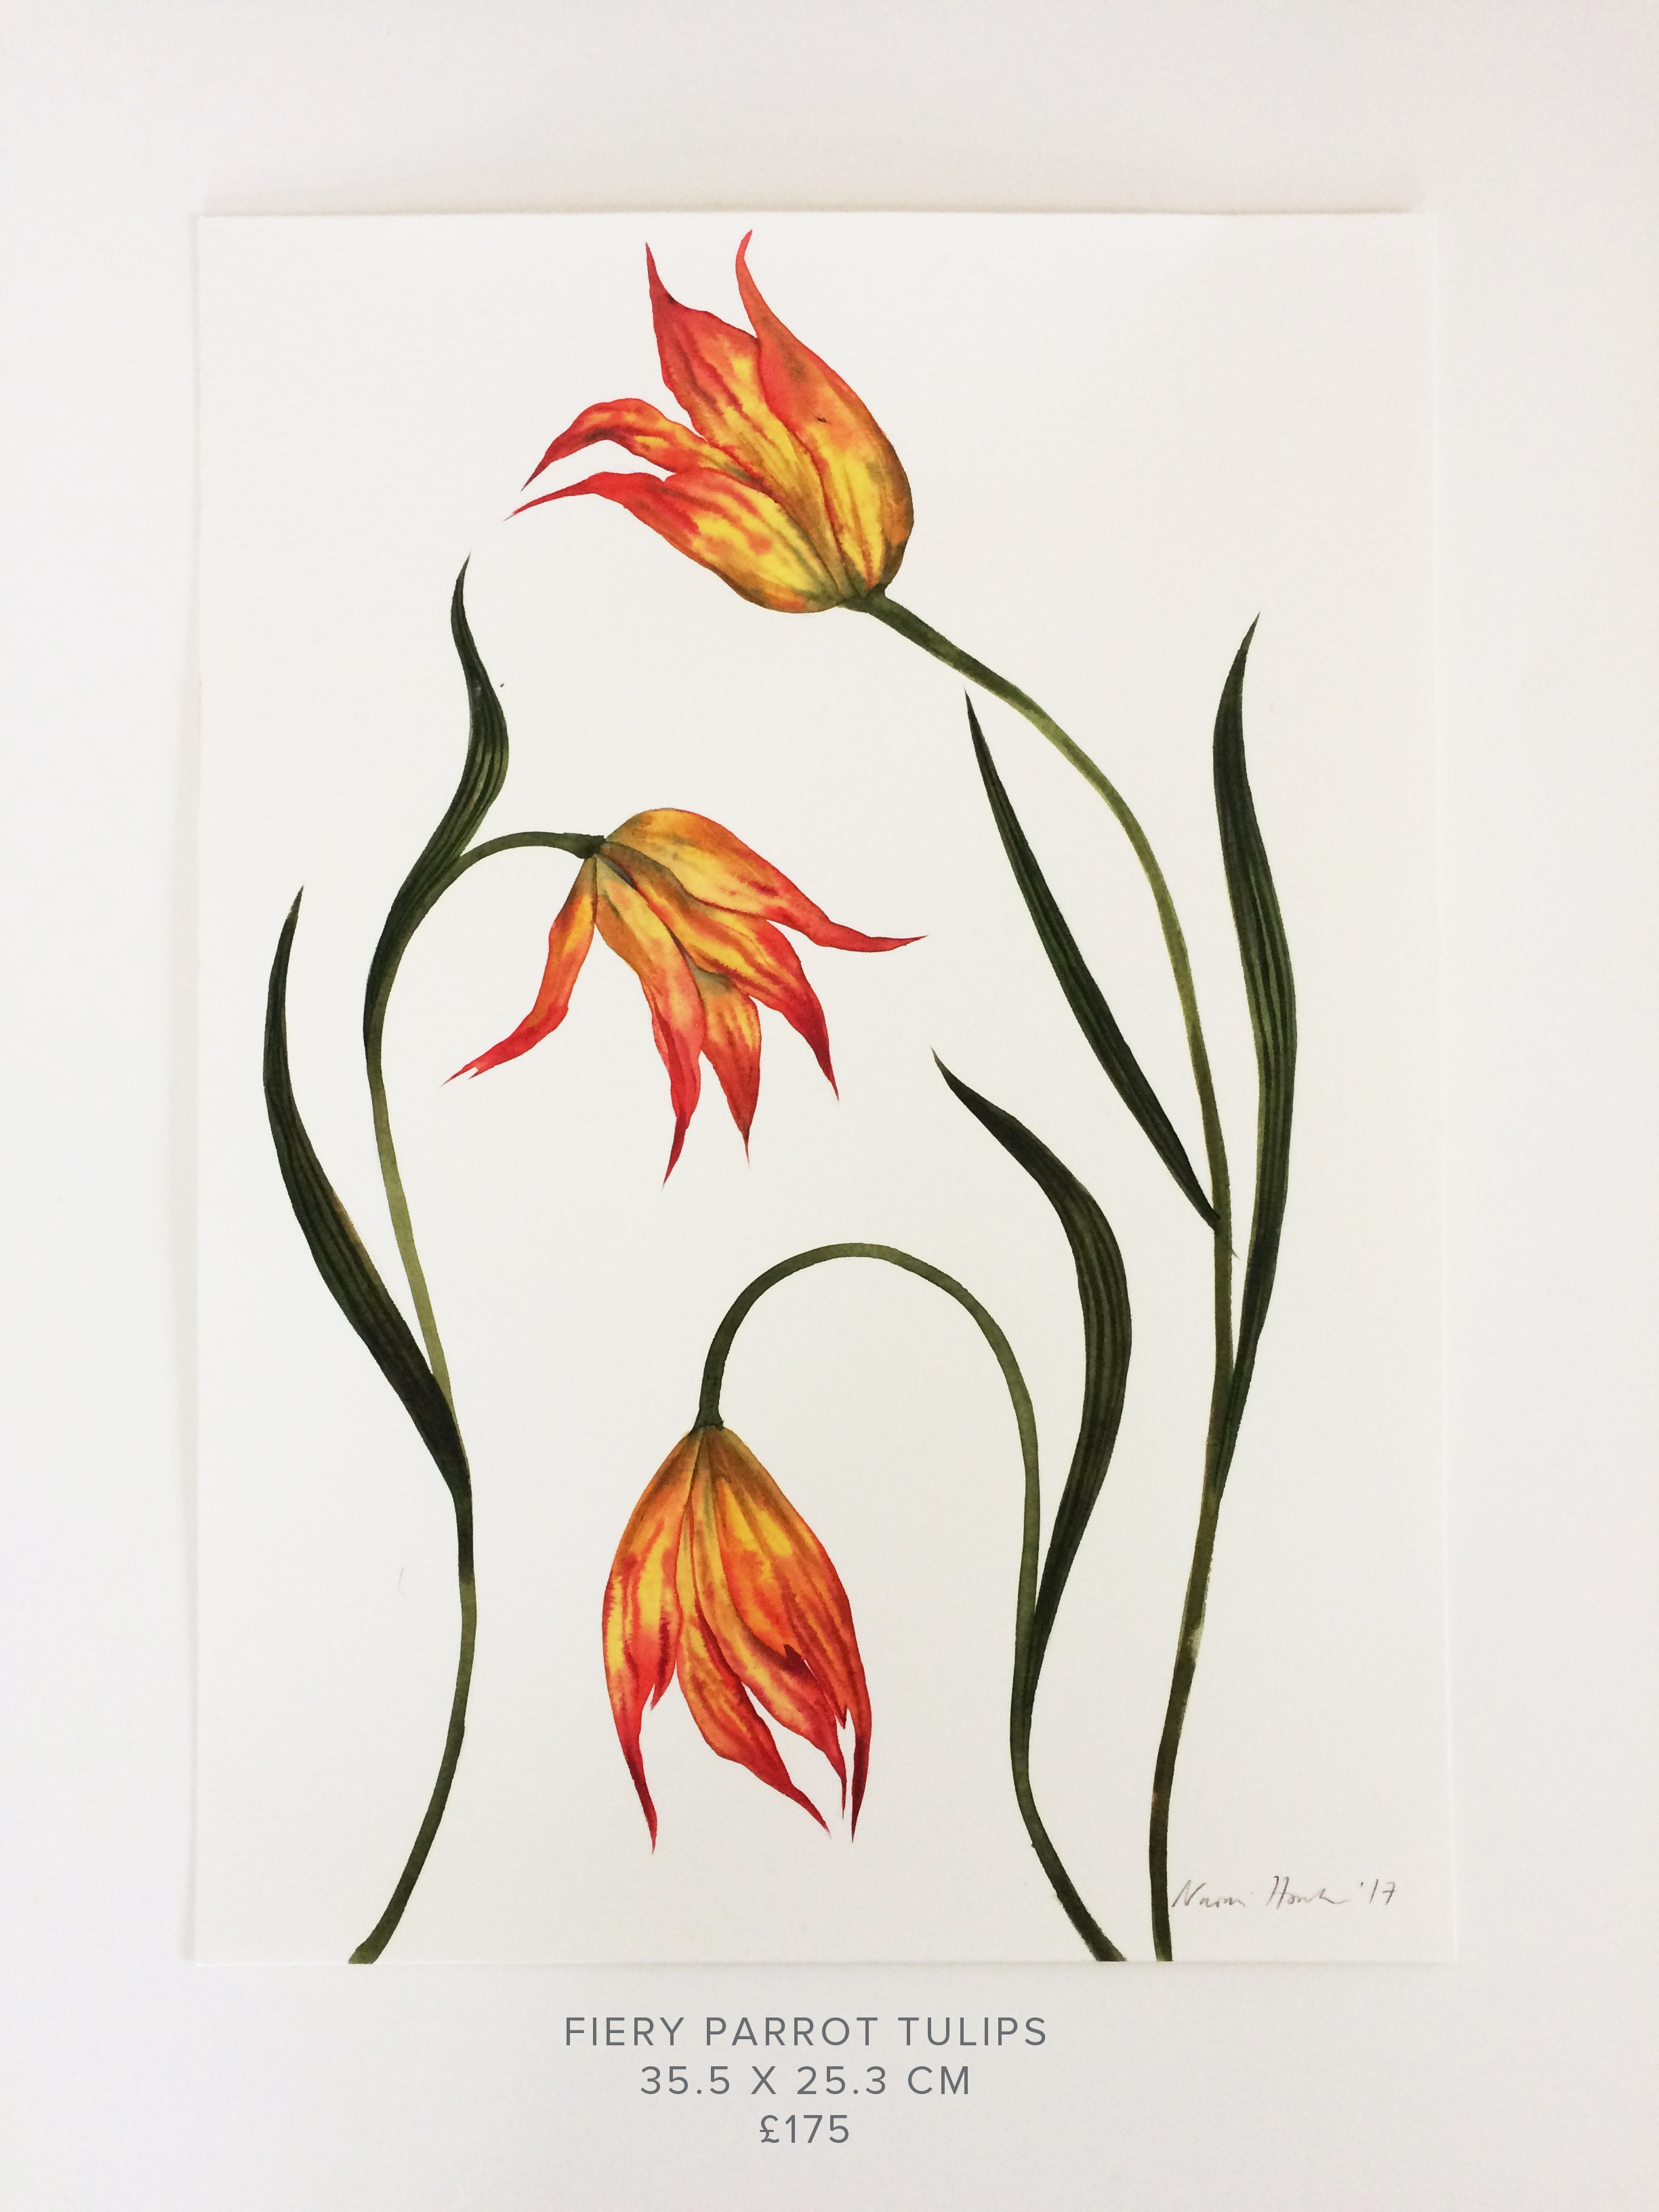 Fiery Parrot Tulips PS.jpg